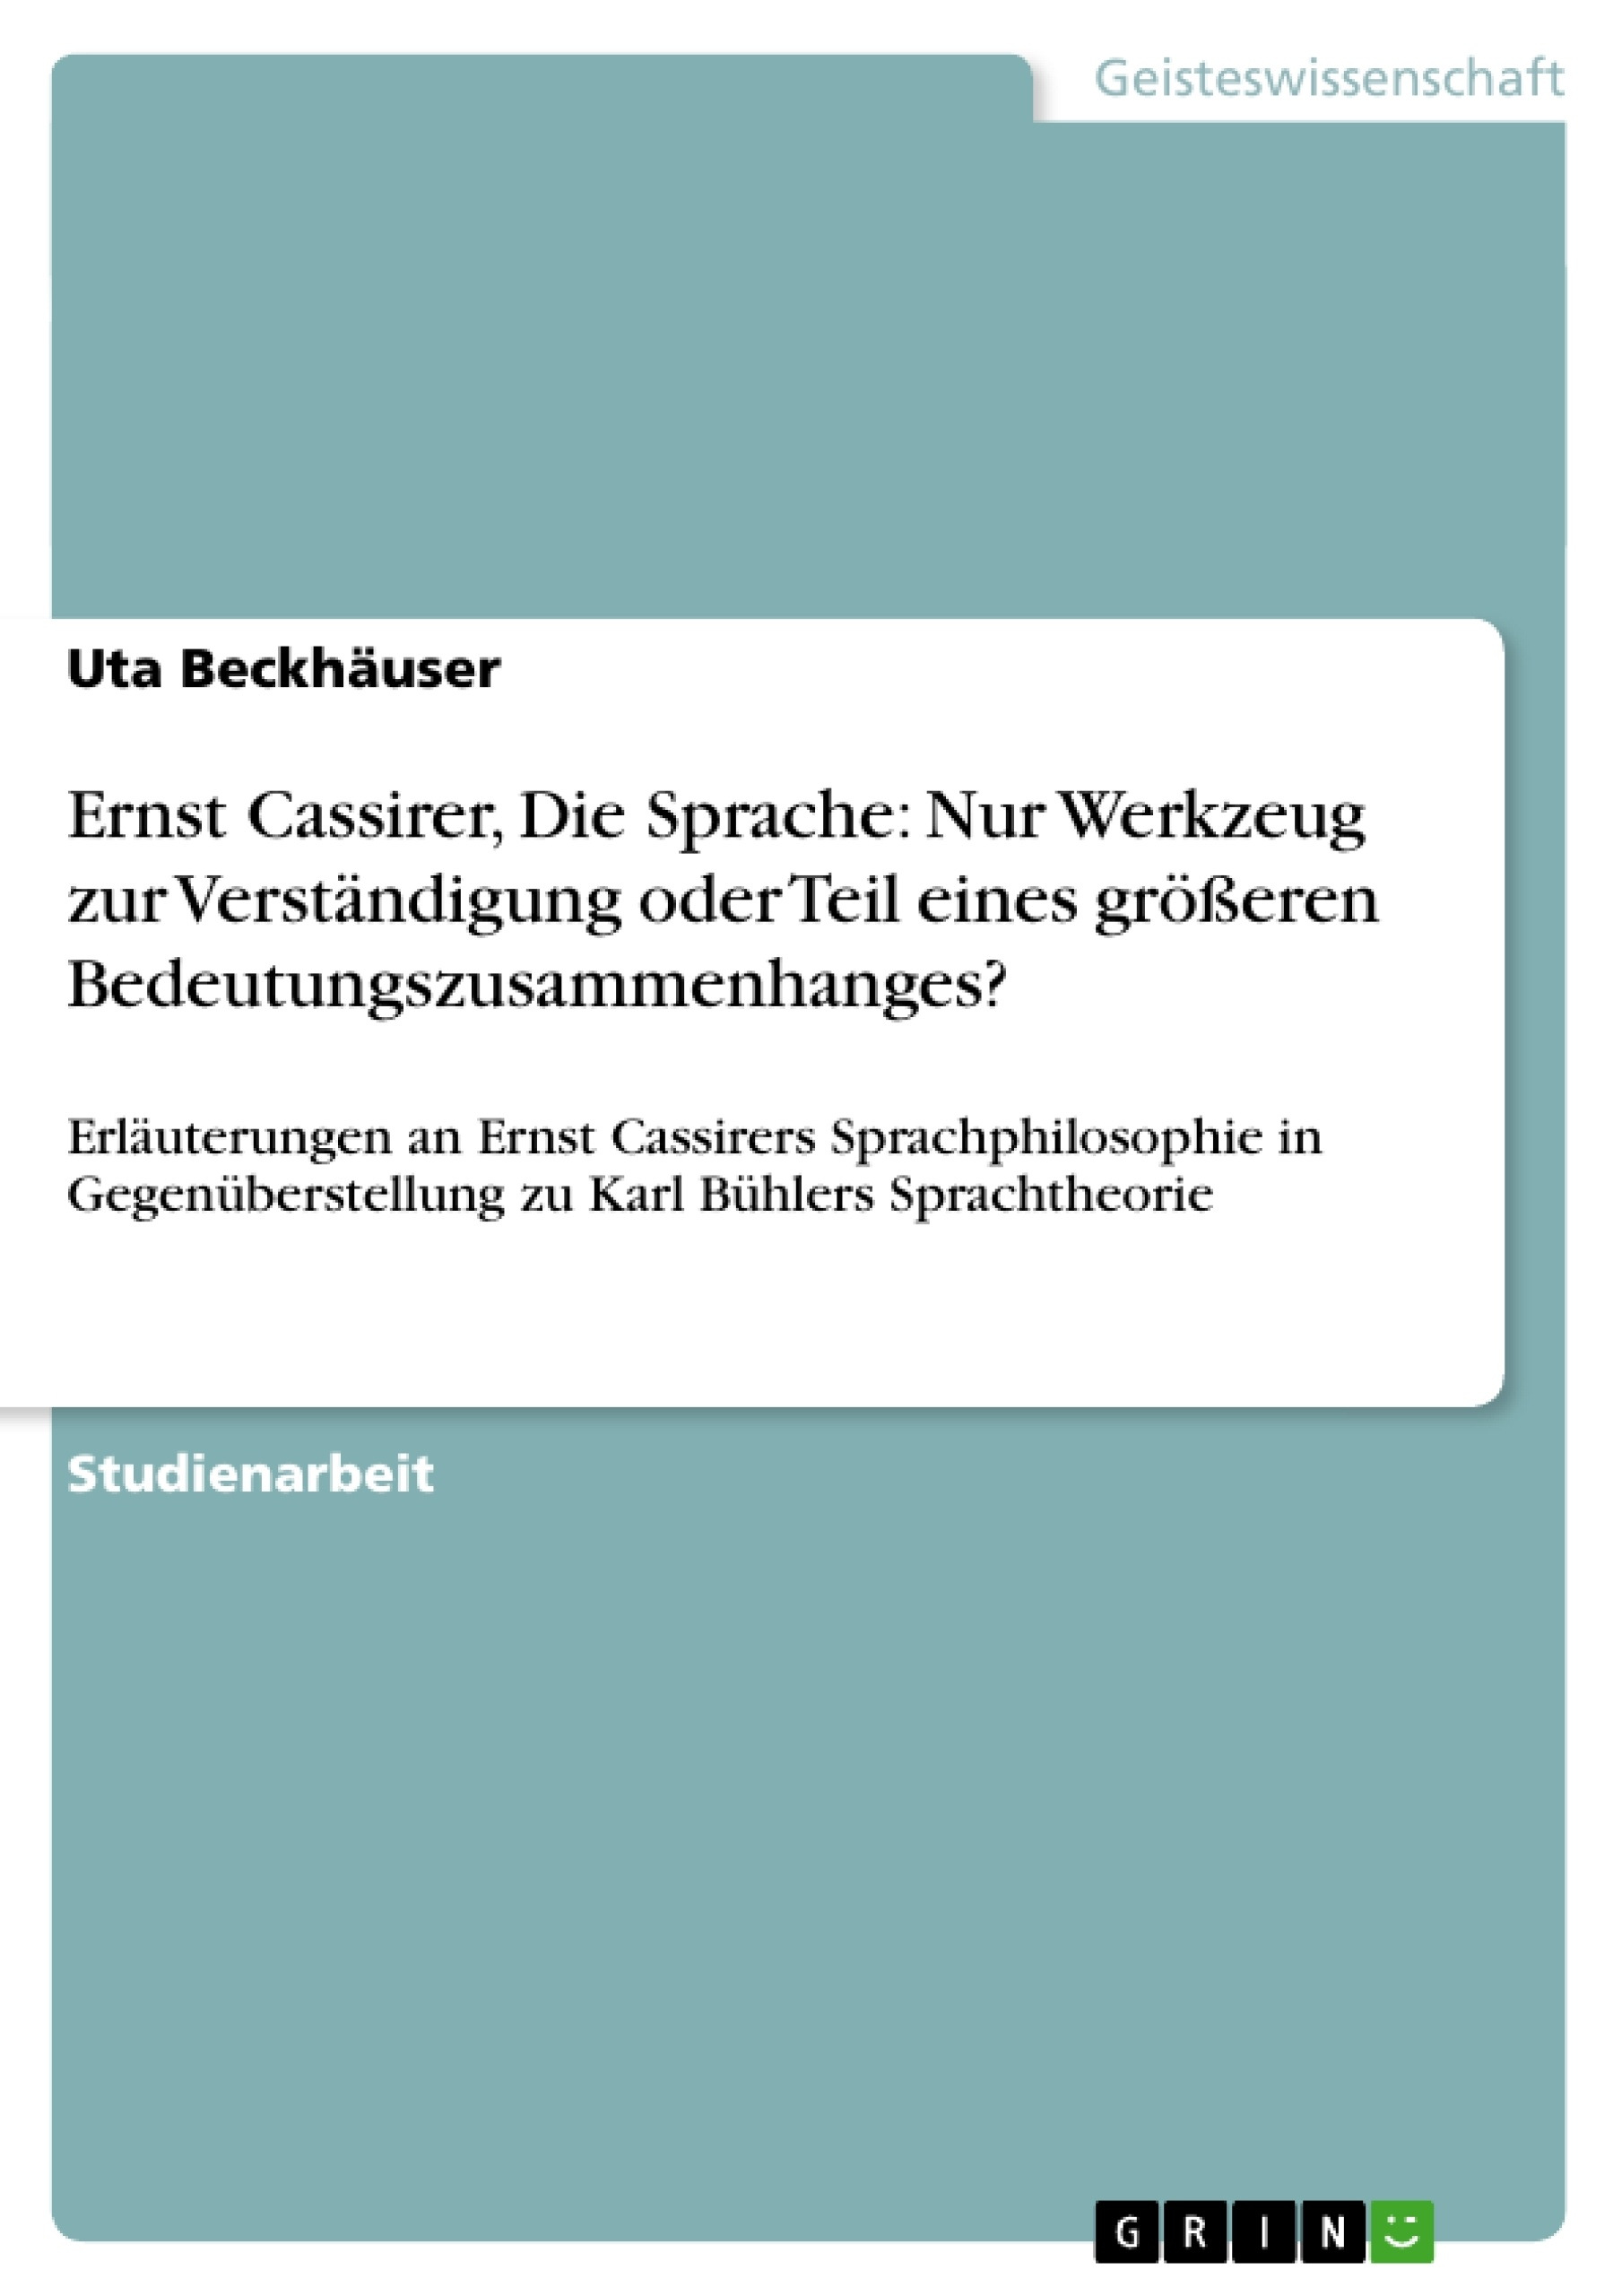 Titel: Ernst Cassirer, Die Sprache: Nur Werkzeug zur Verständigung oder Teil eines größeren Bedeutungszusammenhanges?